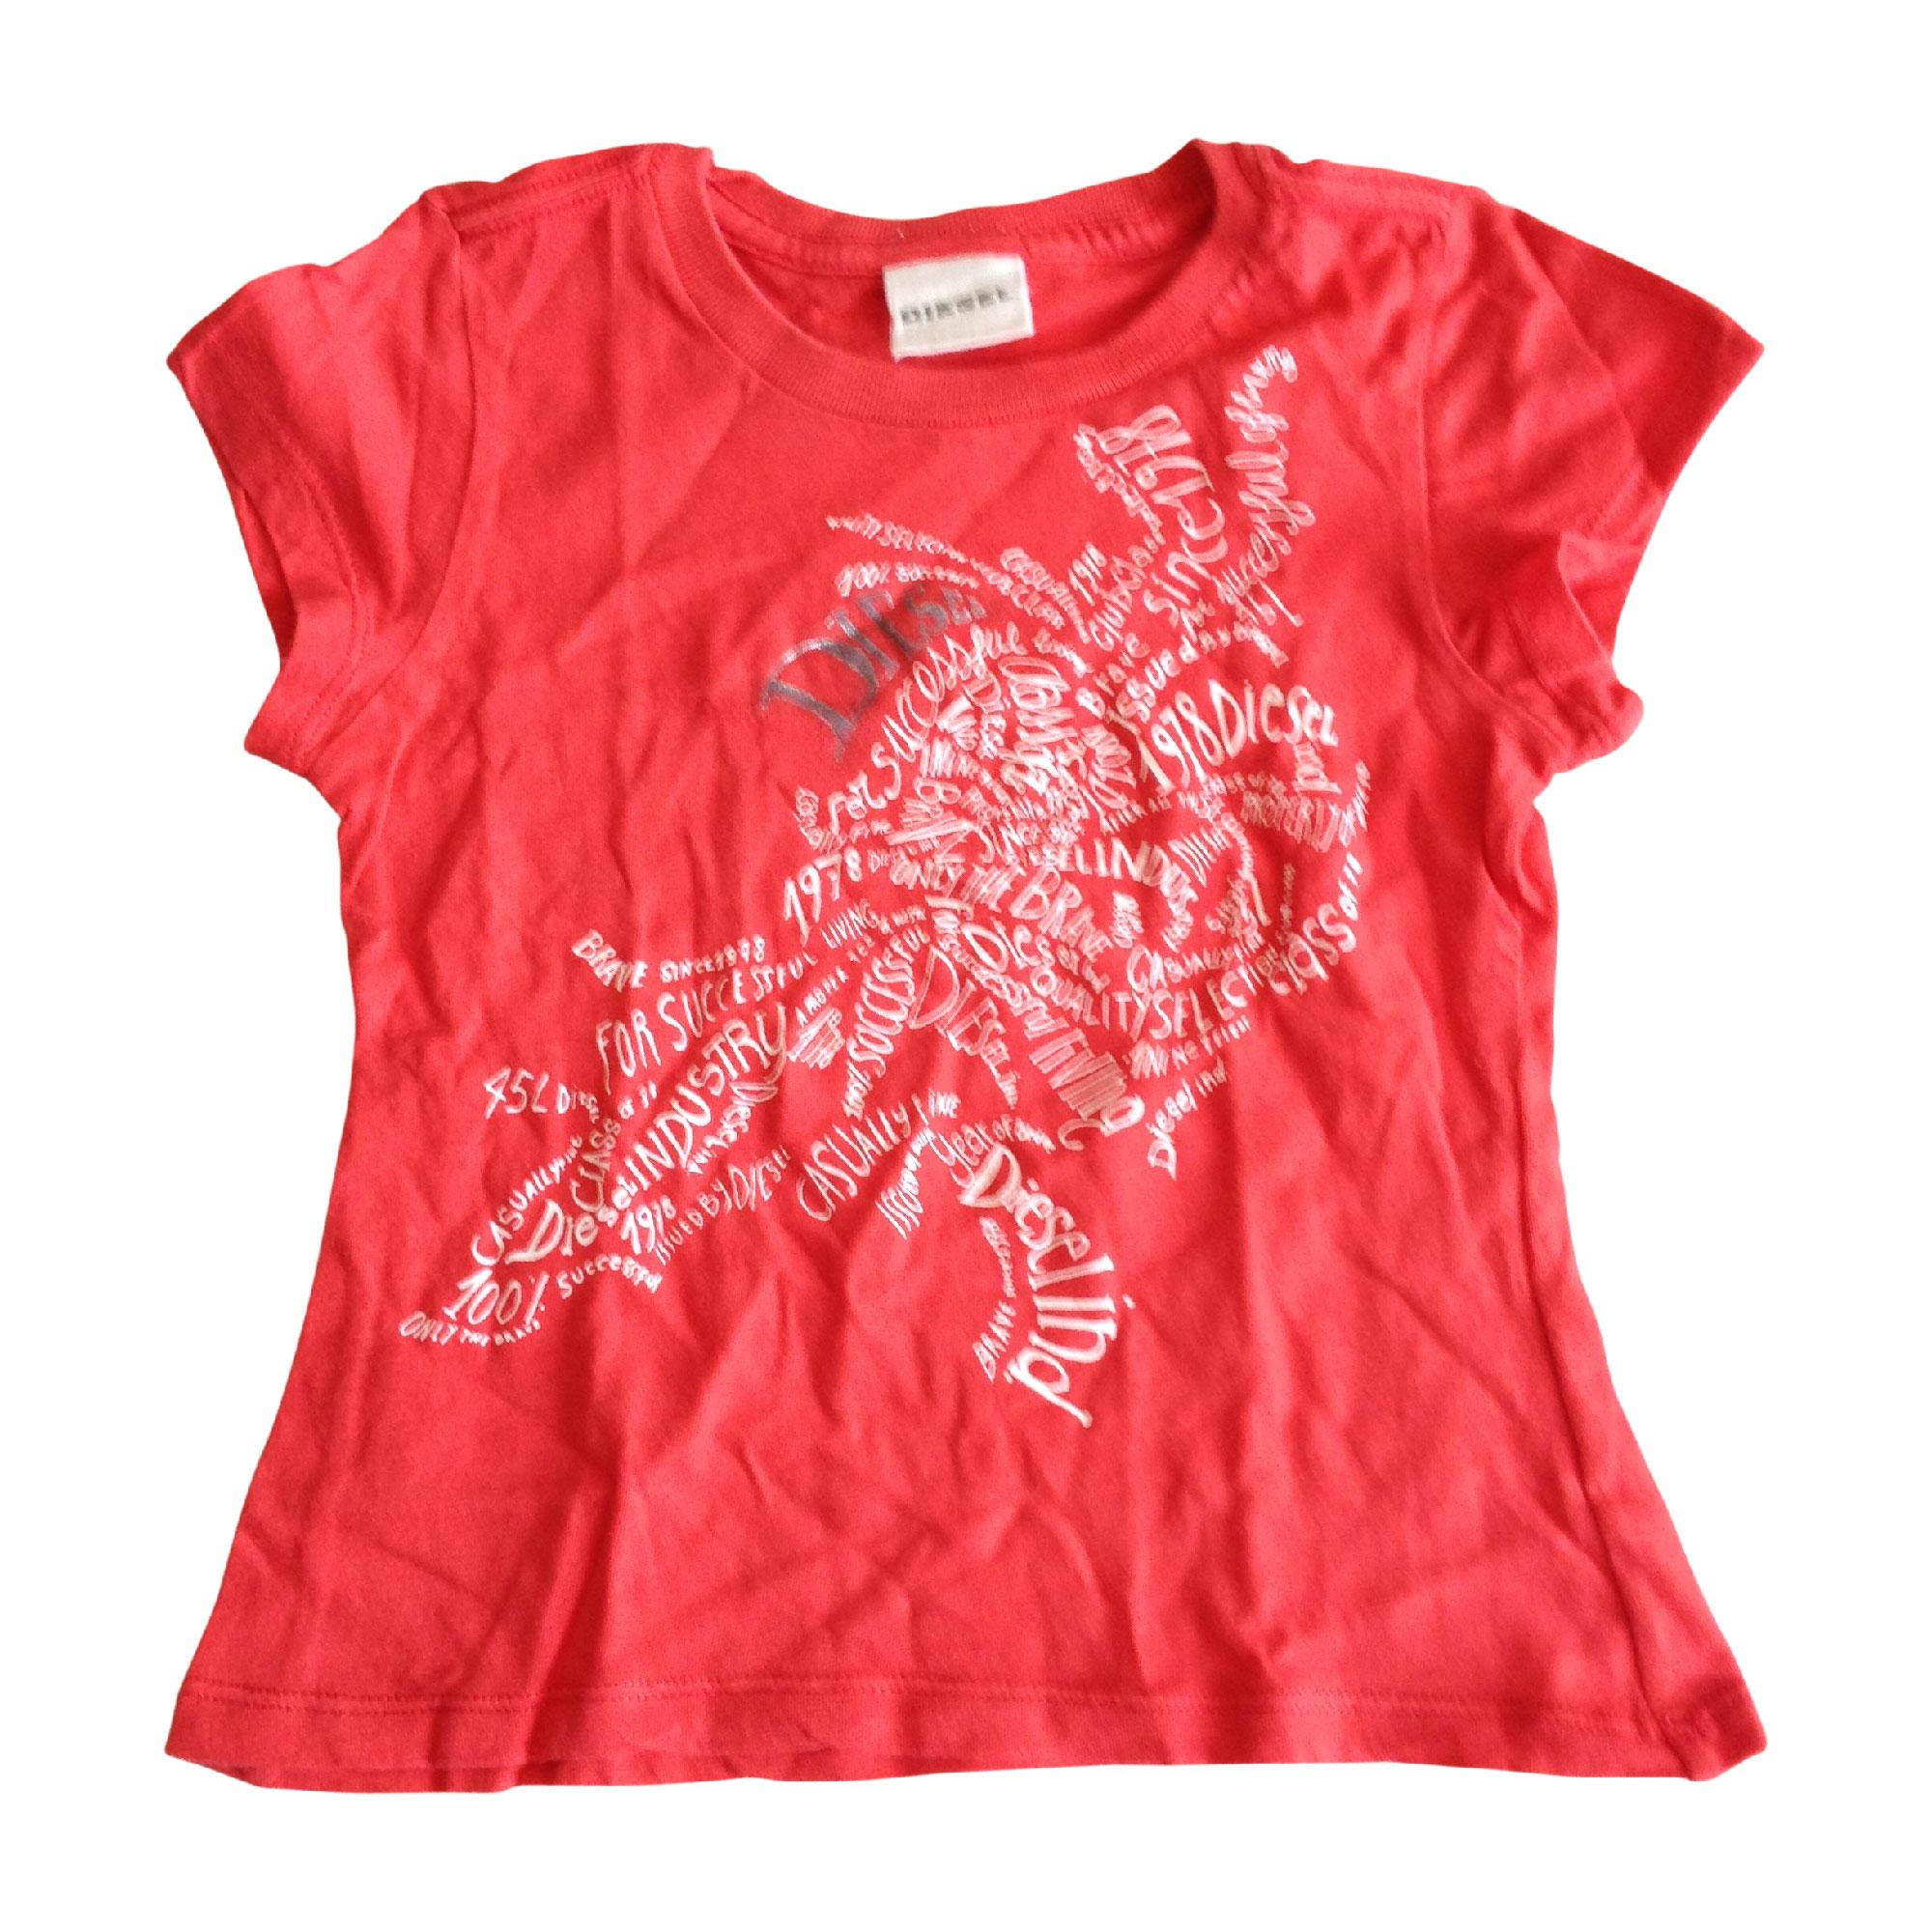 Top, Tee-shirt DIESEL Rouge, bordeaux